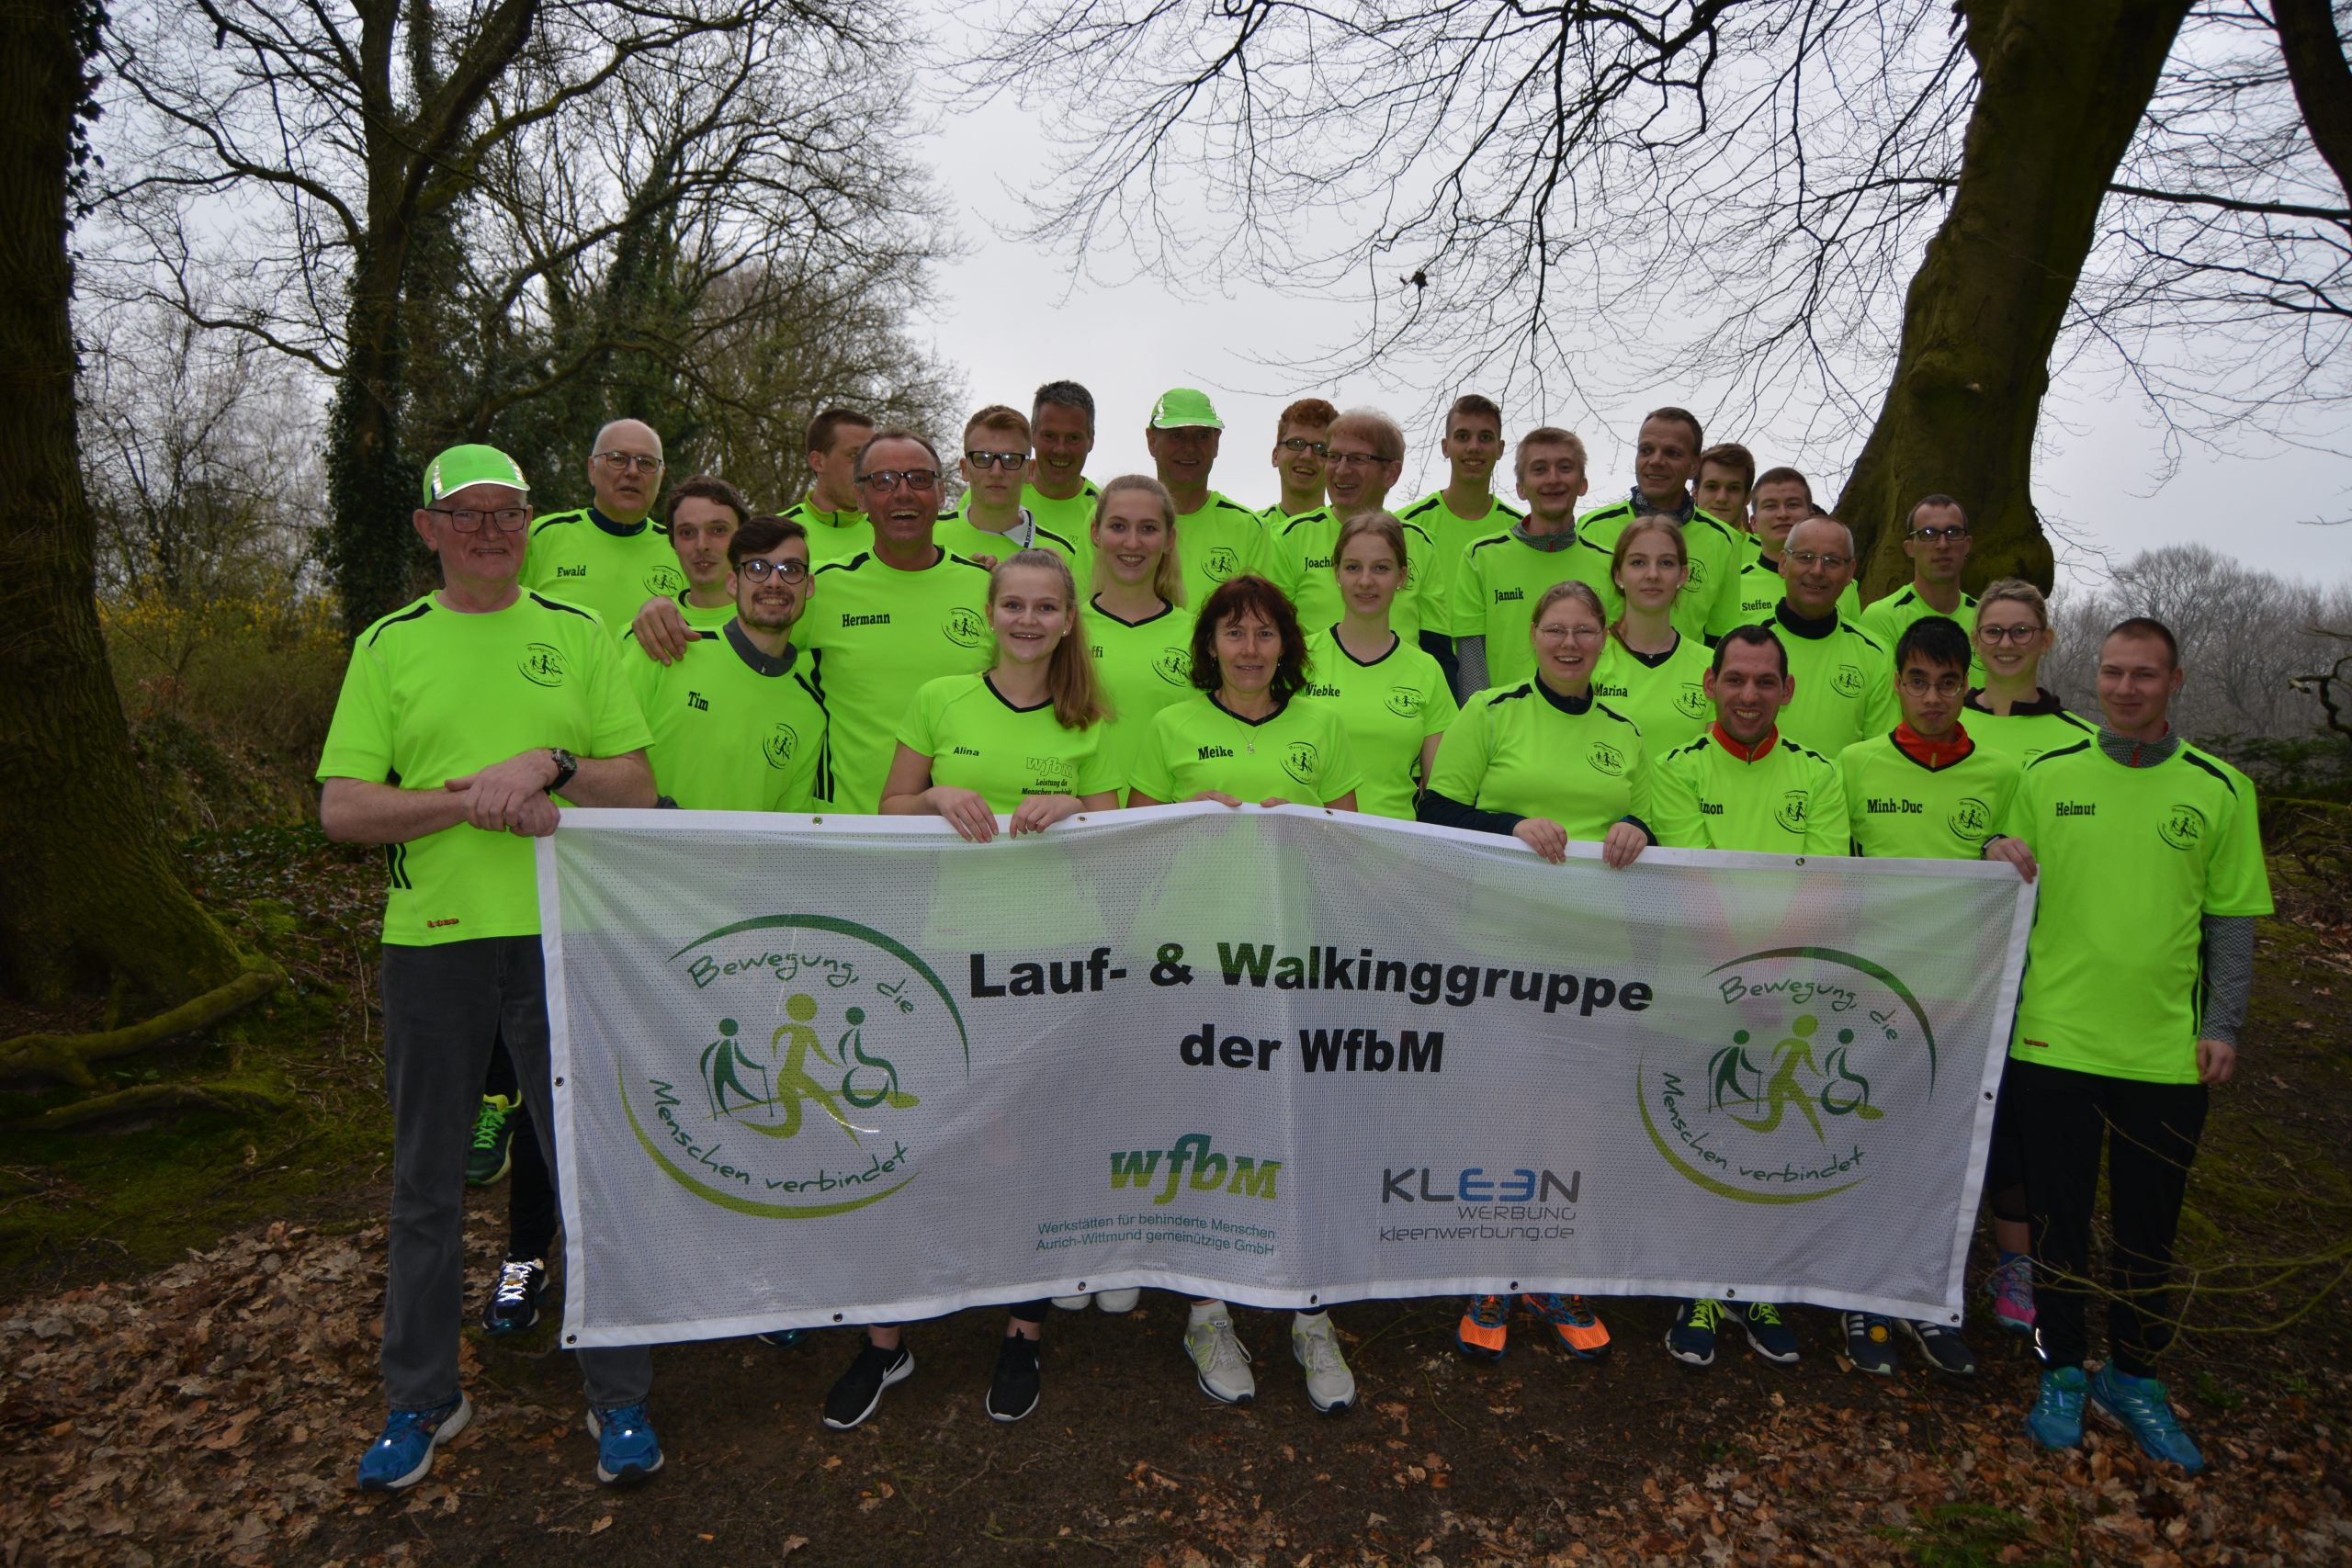 zum Bild:Mannschaftsfoto der wfbm Aurich-Wittmund gGmbH.ld der